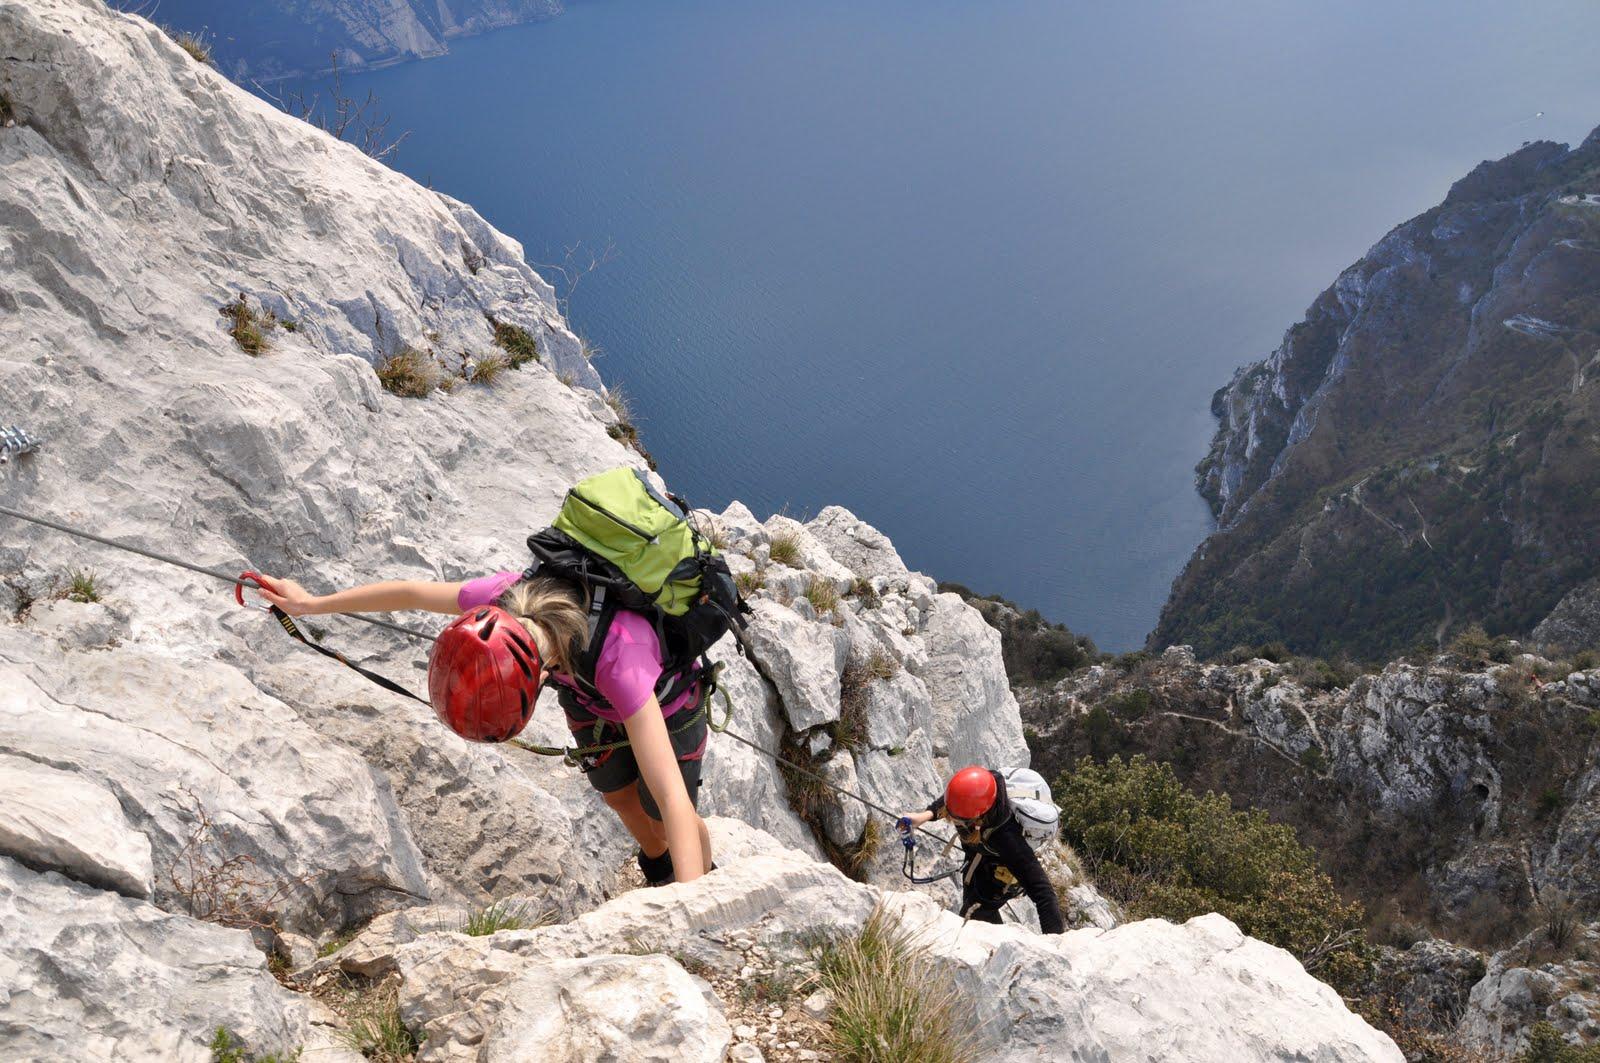 Klettersteig Cima Capi : Biwak: cima capi via ferr. fausto susatti